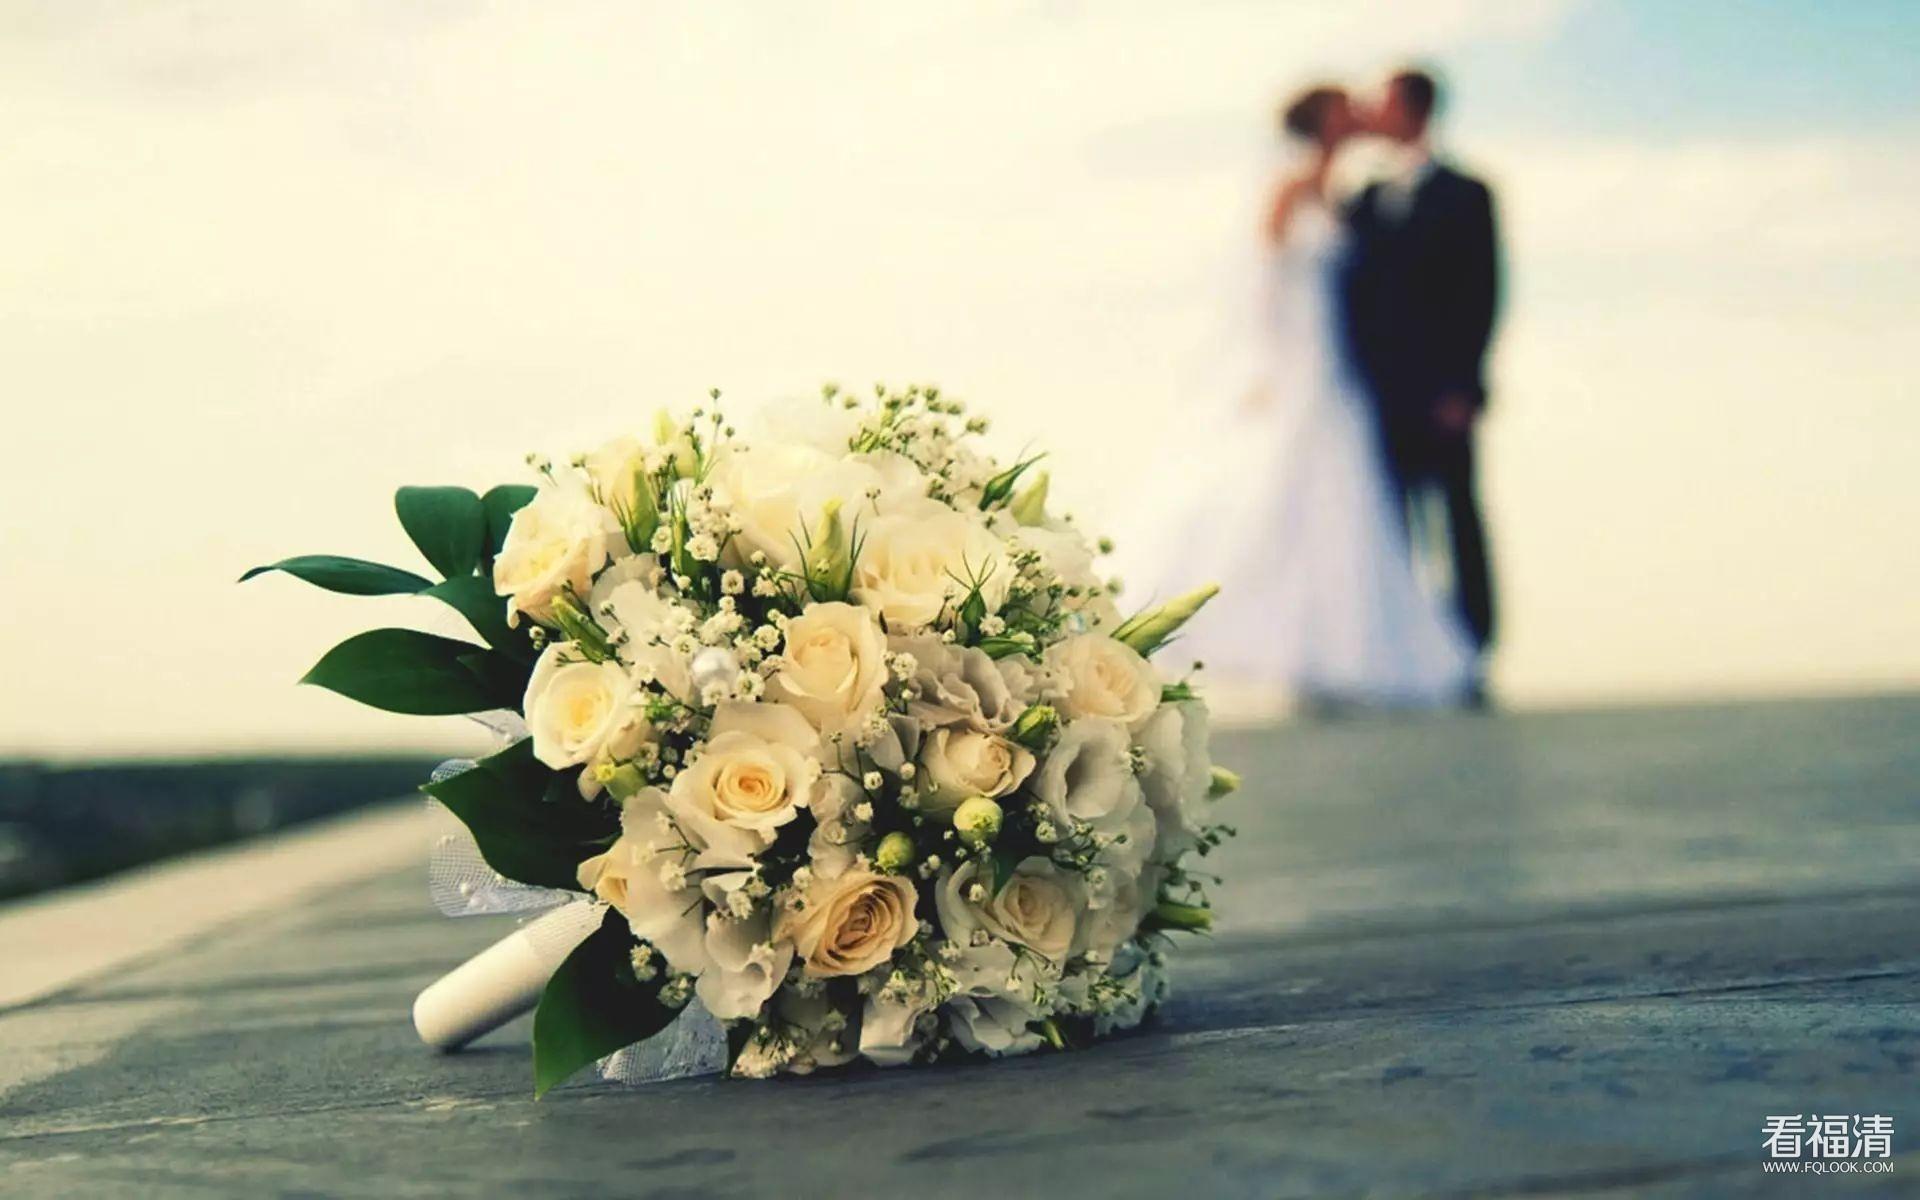 女人必须懂得结婚前规则